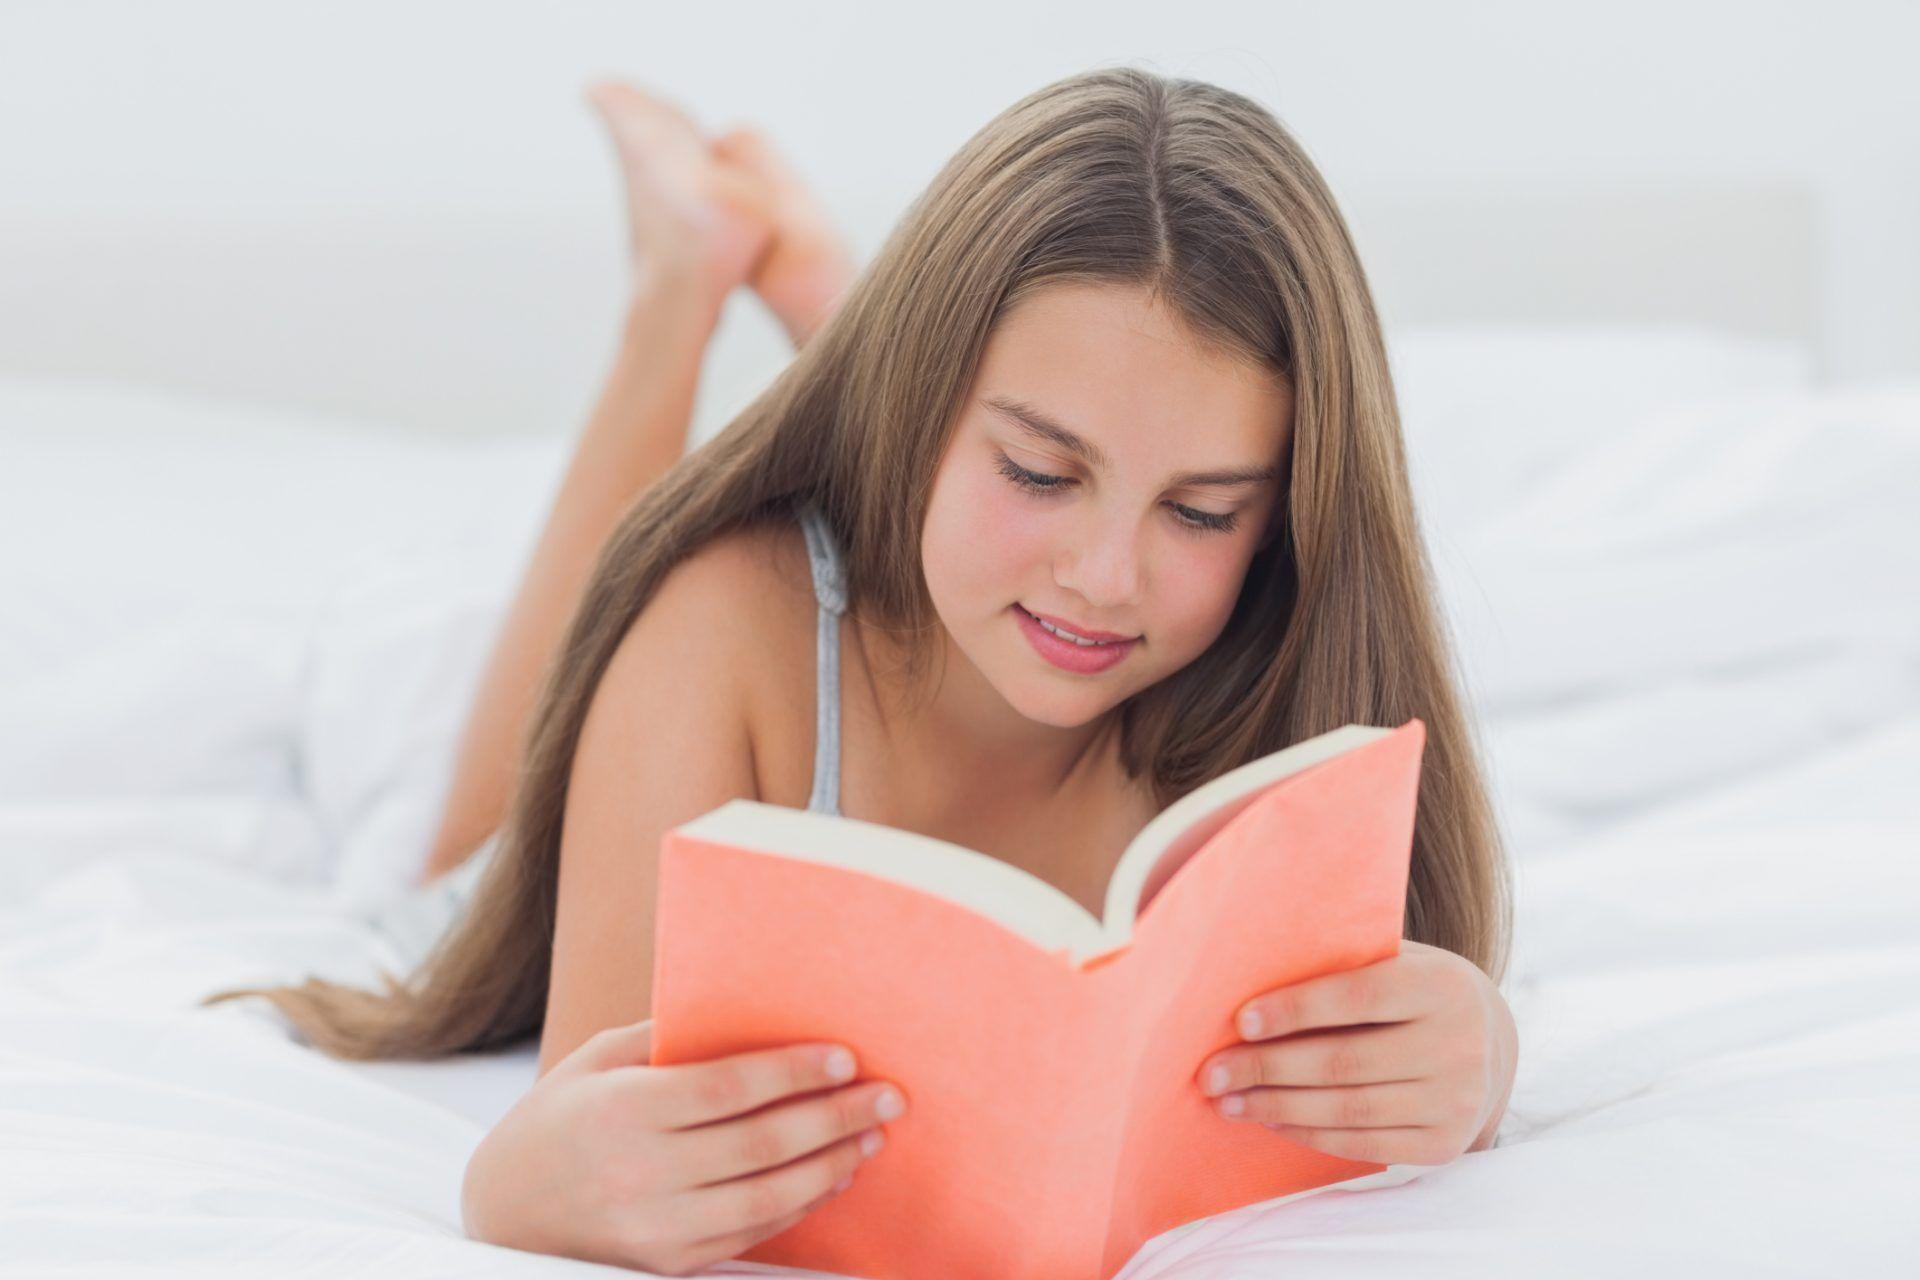 Clásicos de la literatura infantil y juvenil para fomentar valores